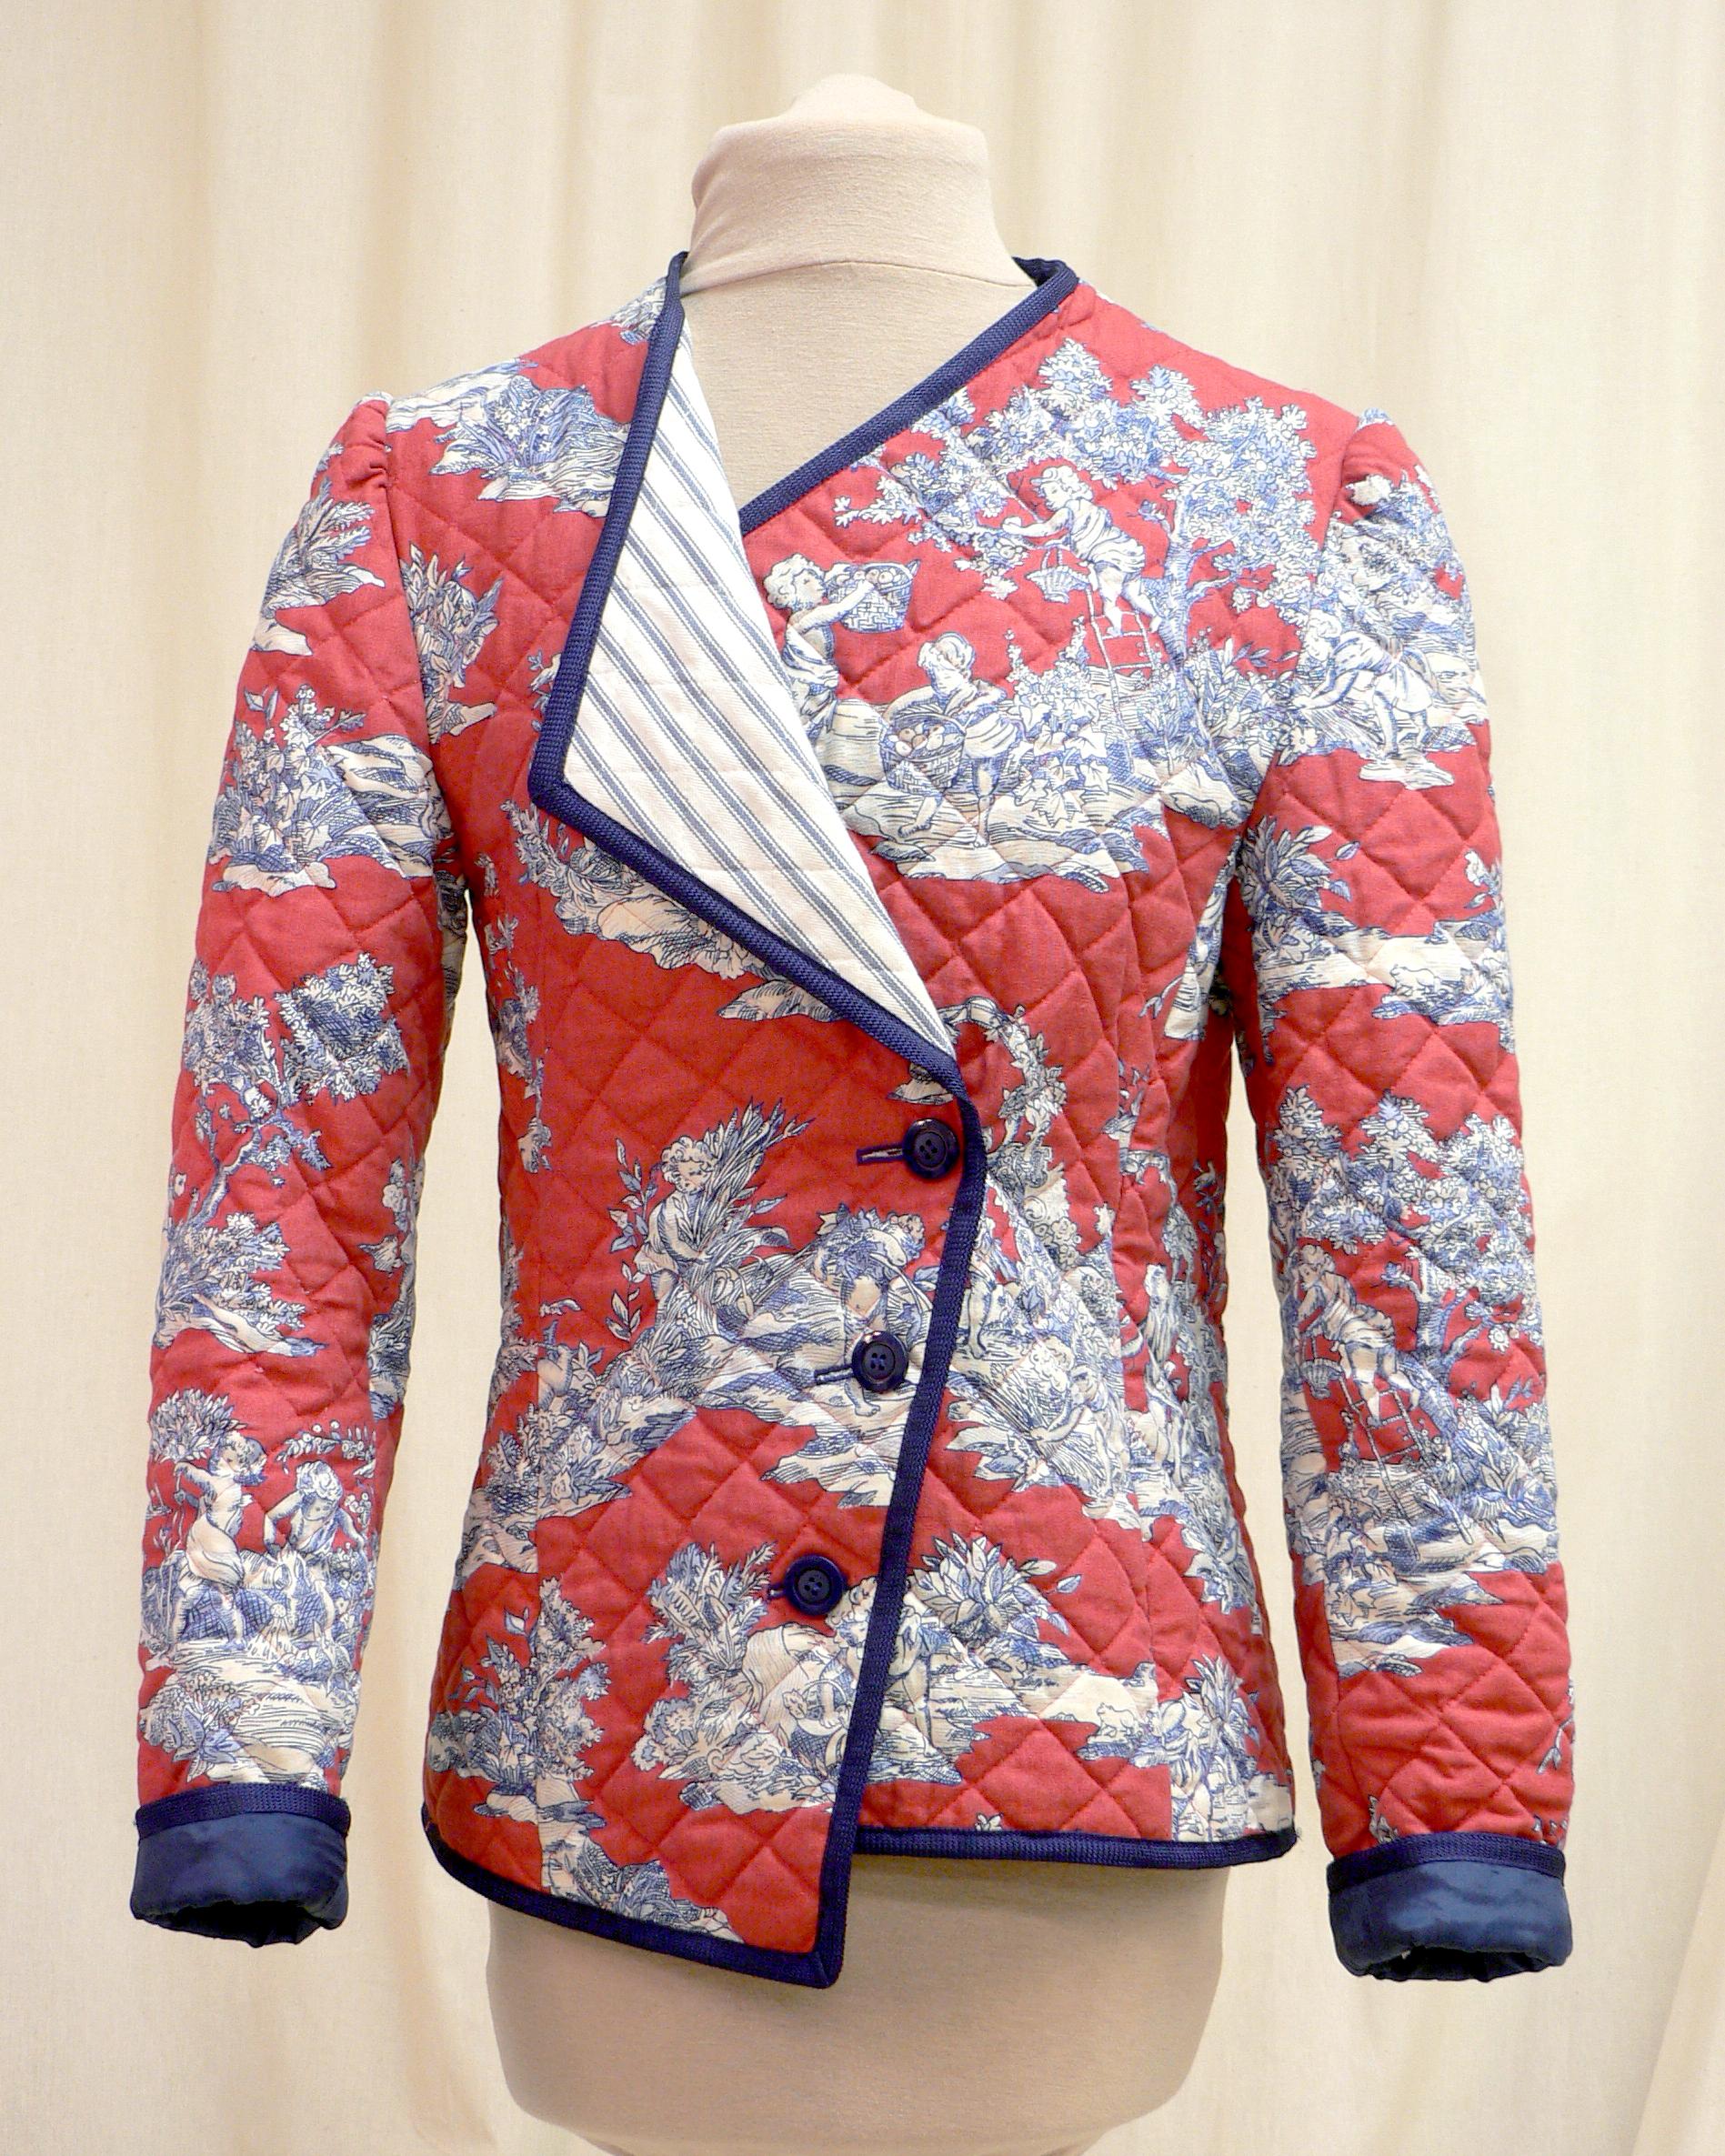 jacket04_front_var2.JPG